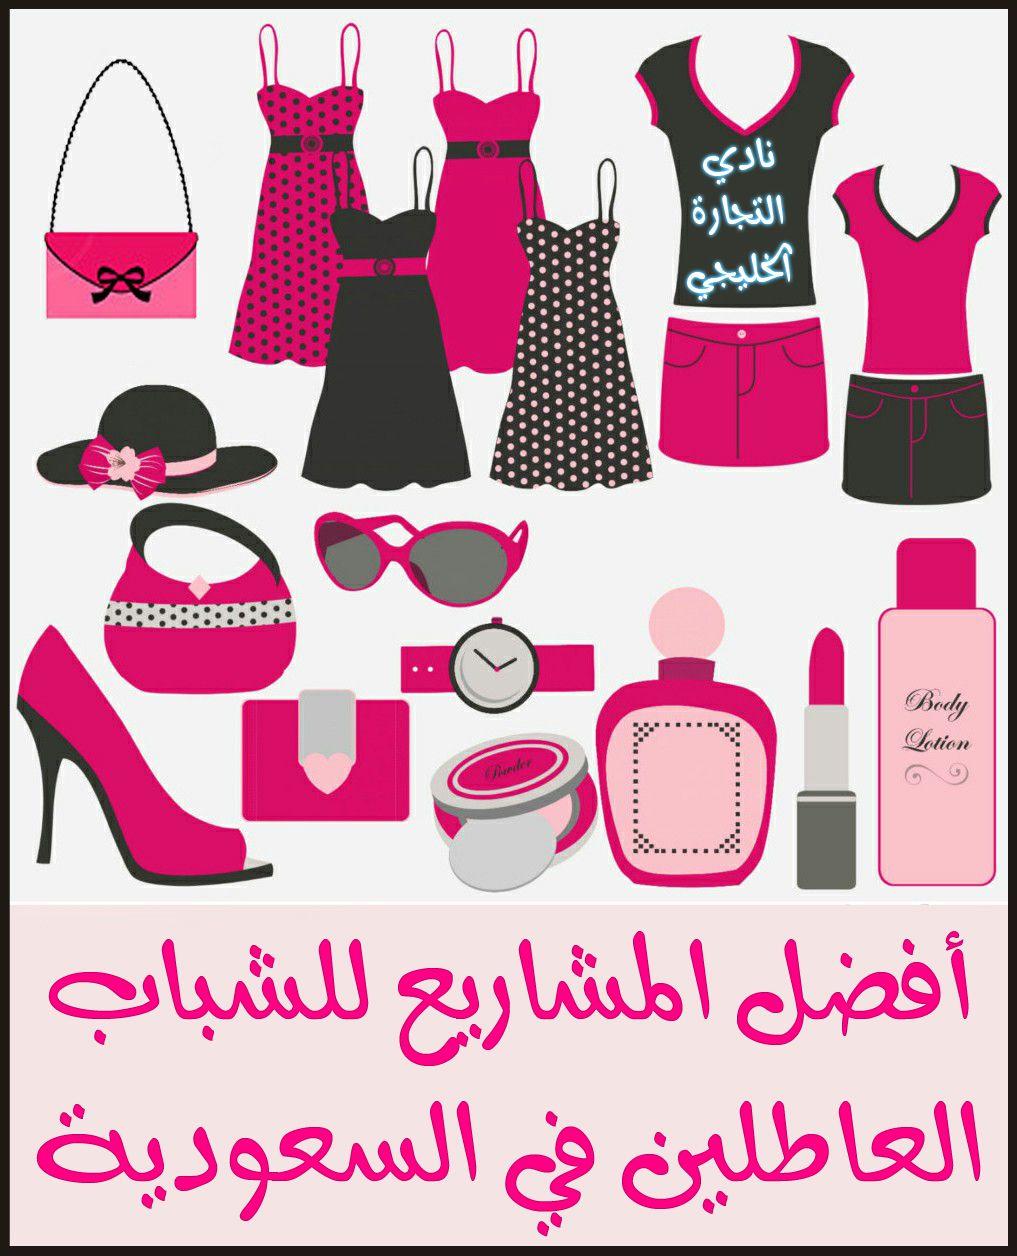 8a469722d3211 مشاريع للشباب العاطلين في السعودية .. كافة التفاصيل تجدها هنا ...